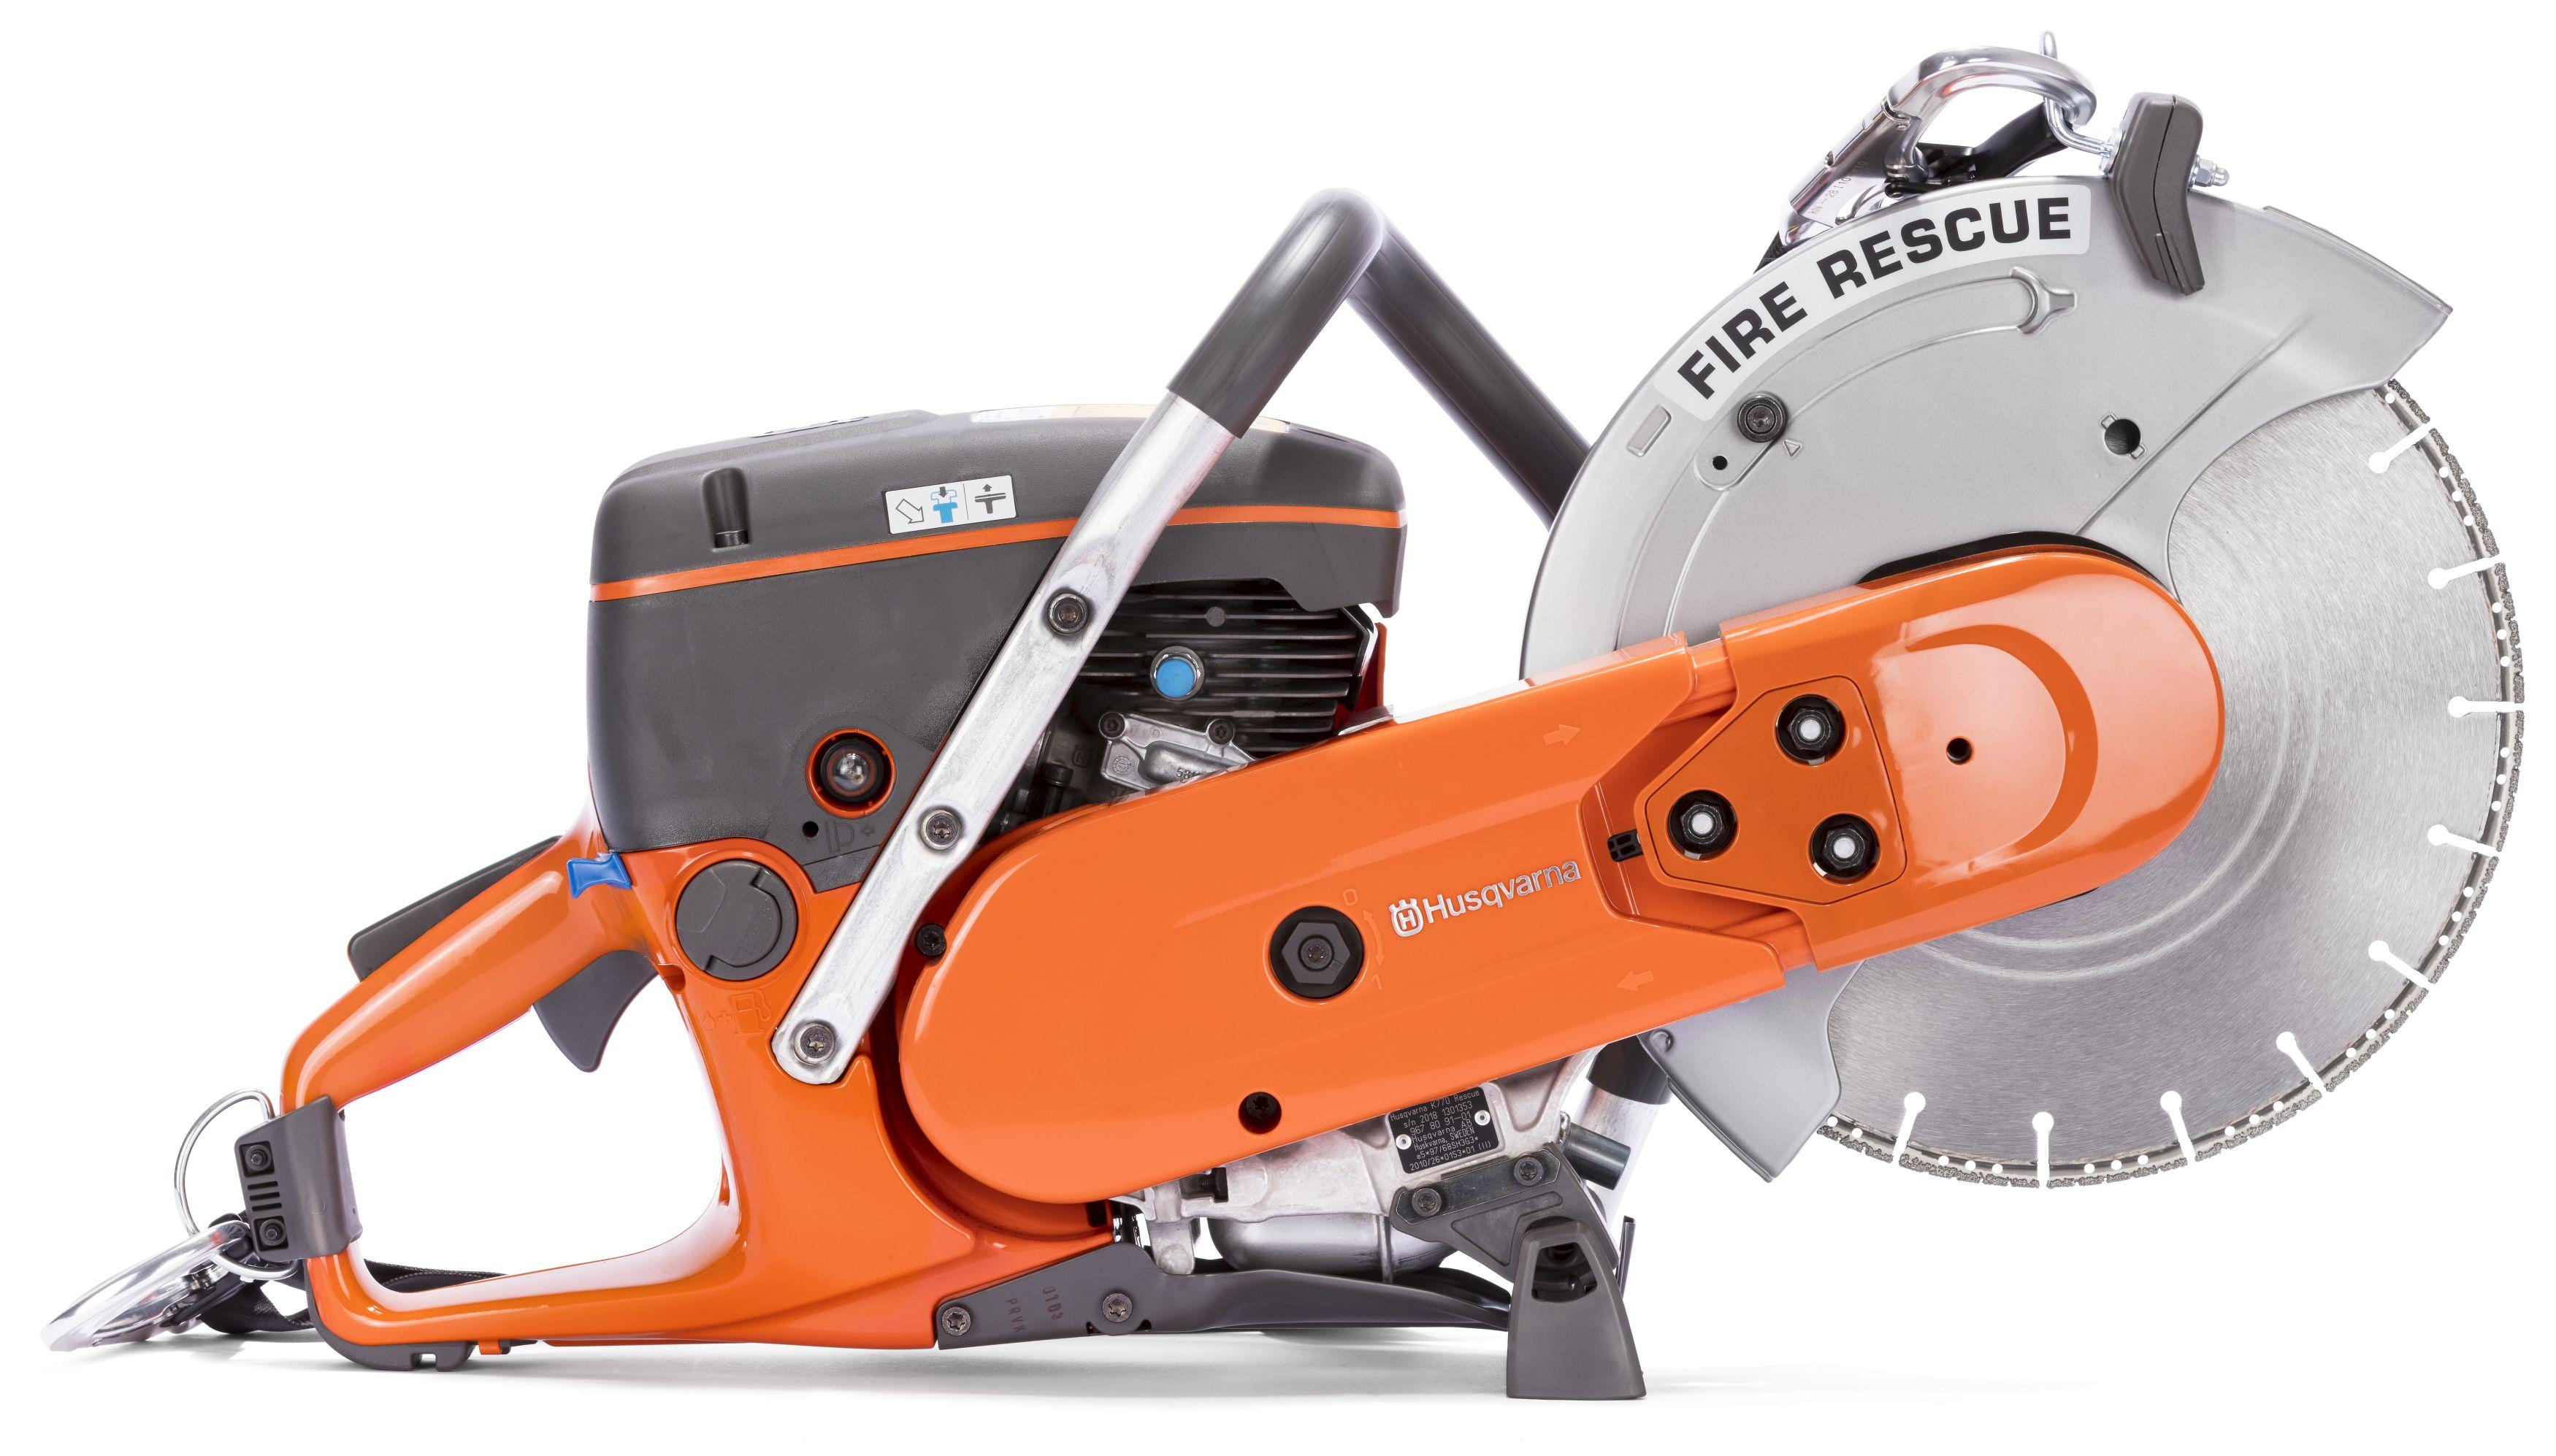 """Oranžs Husqvarna spēka zāģis, modelis """"K 770 Rescue '', skats no labā sāna"""